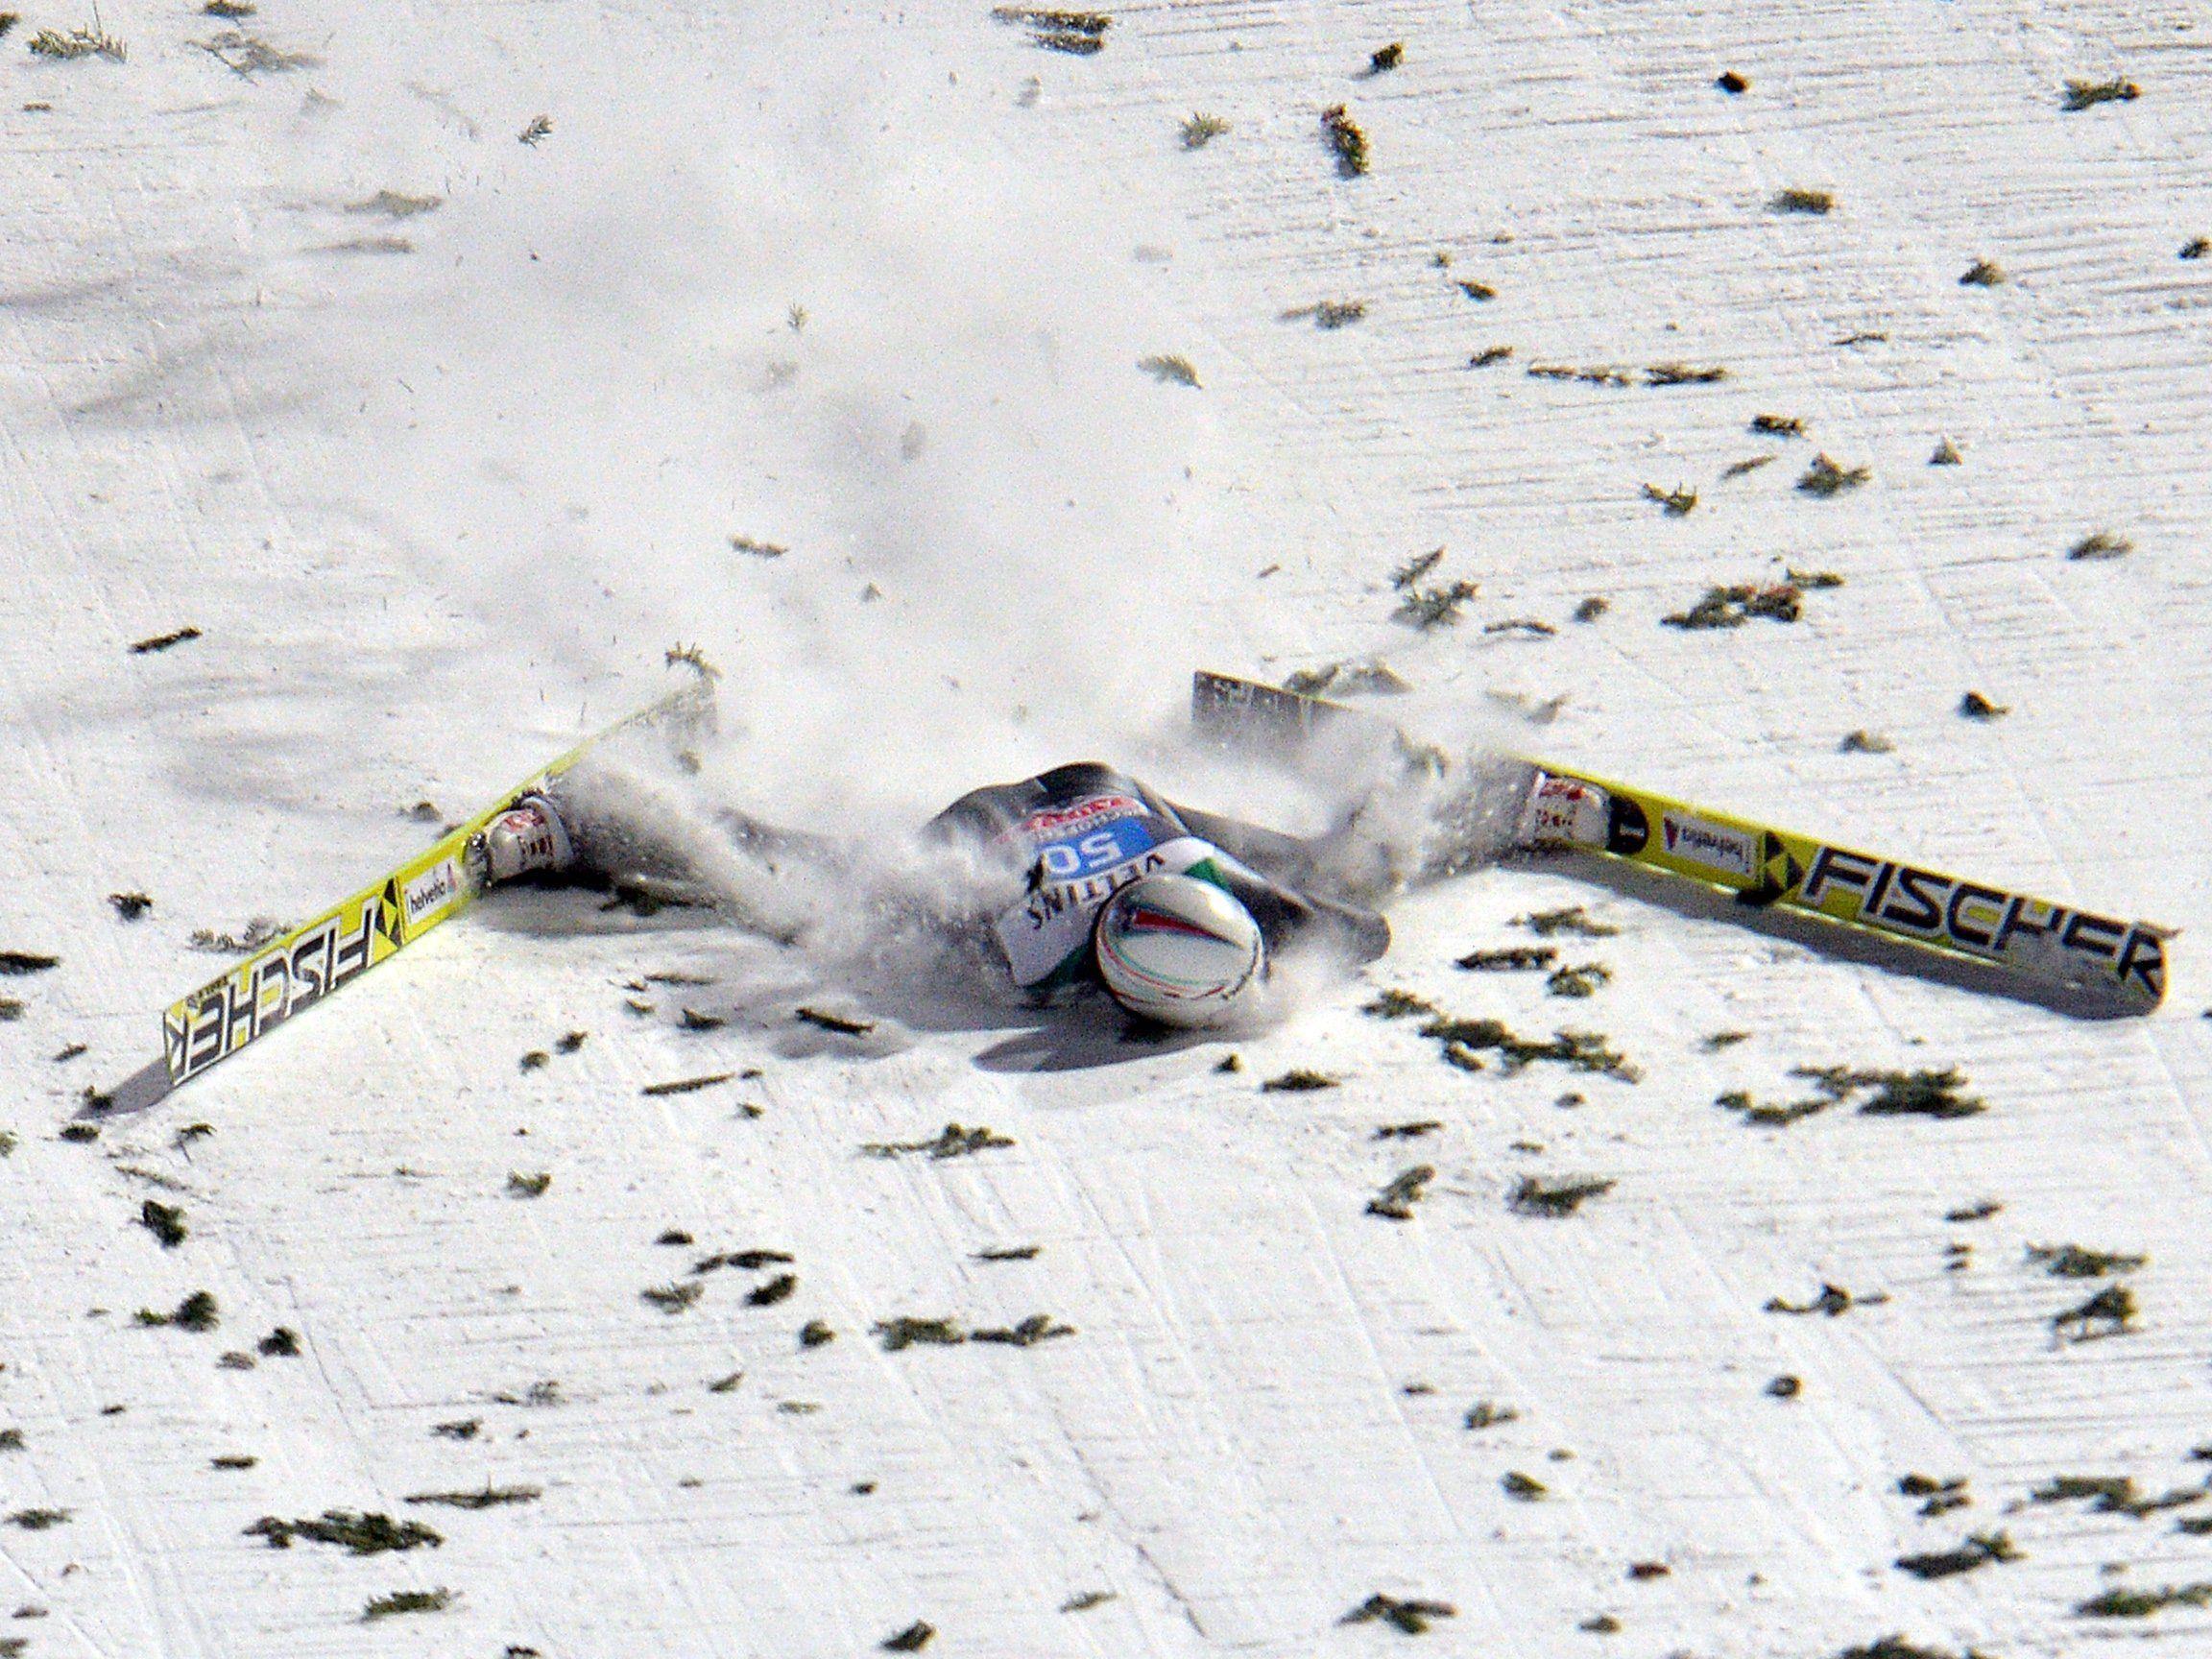 Der 33-jährige Schweizer verlor am Dienstag nach der Landung bei 136 Metern auf der Schanze in Bischofshofen die Kontrolle über seine Ski.